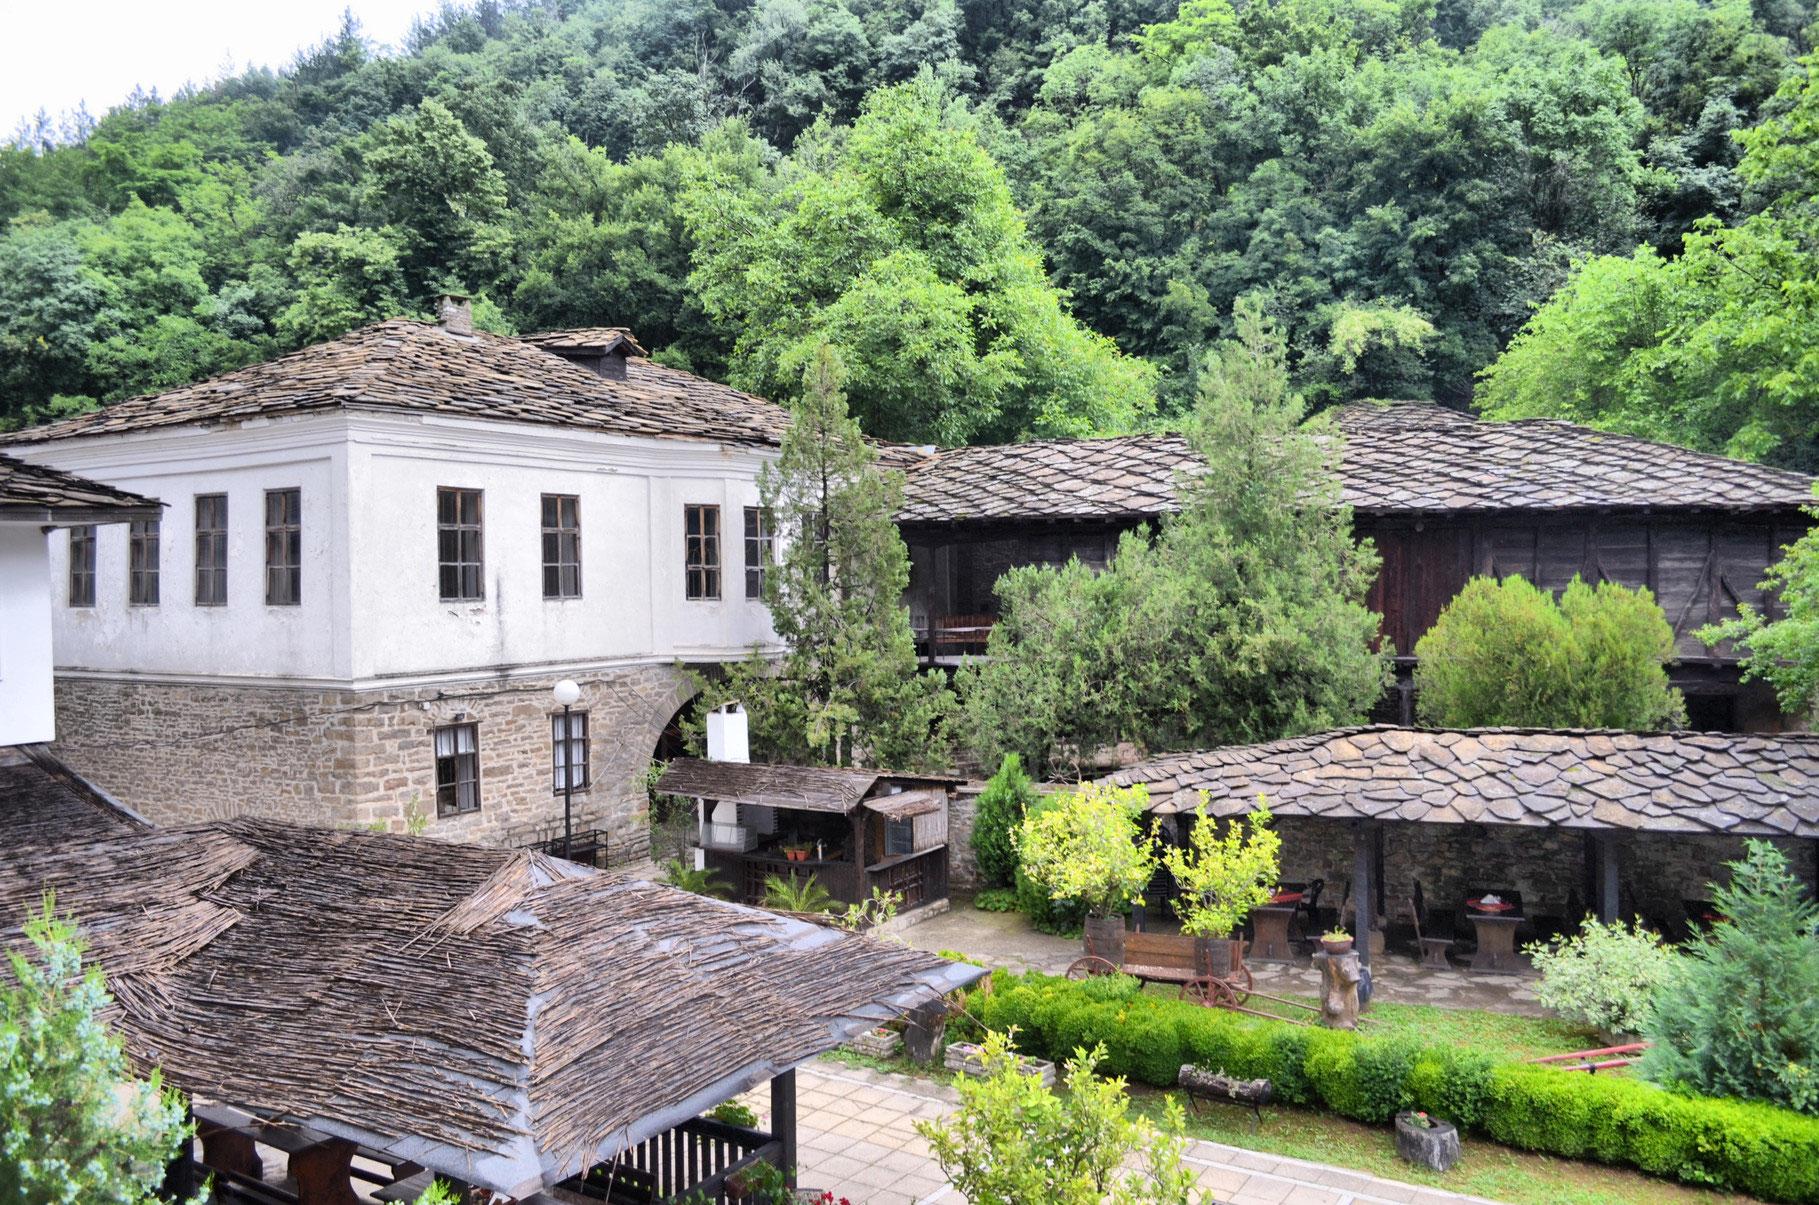 Трявна - Дряновский монастырь - Бачо Киро - Боженци